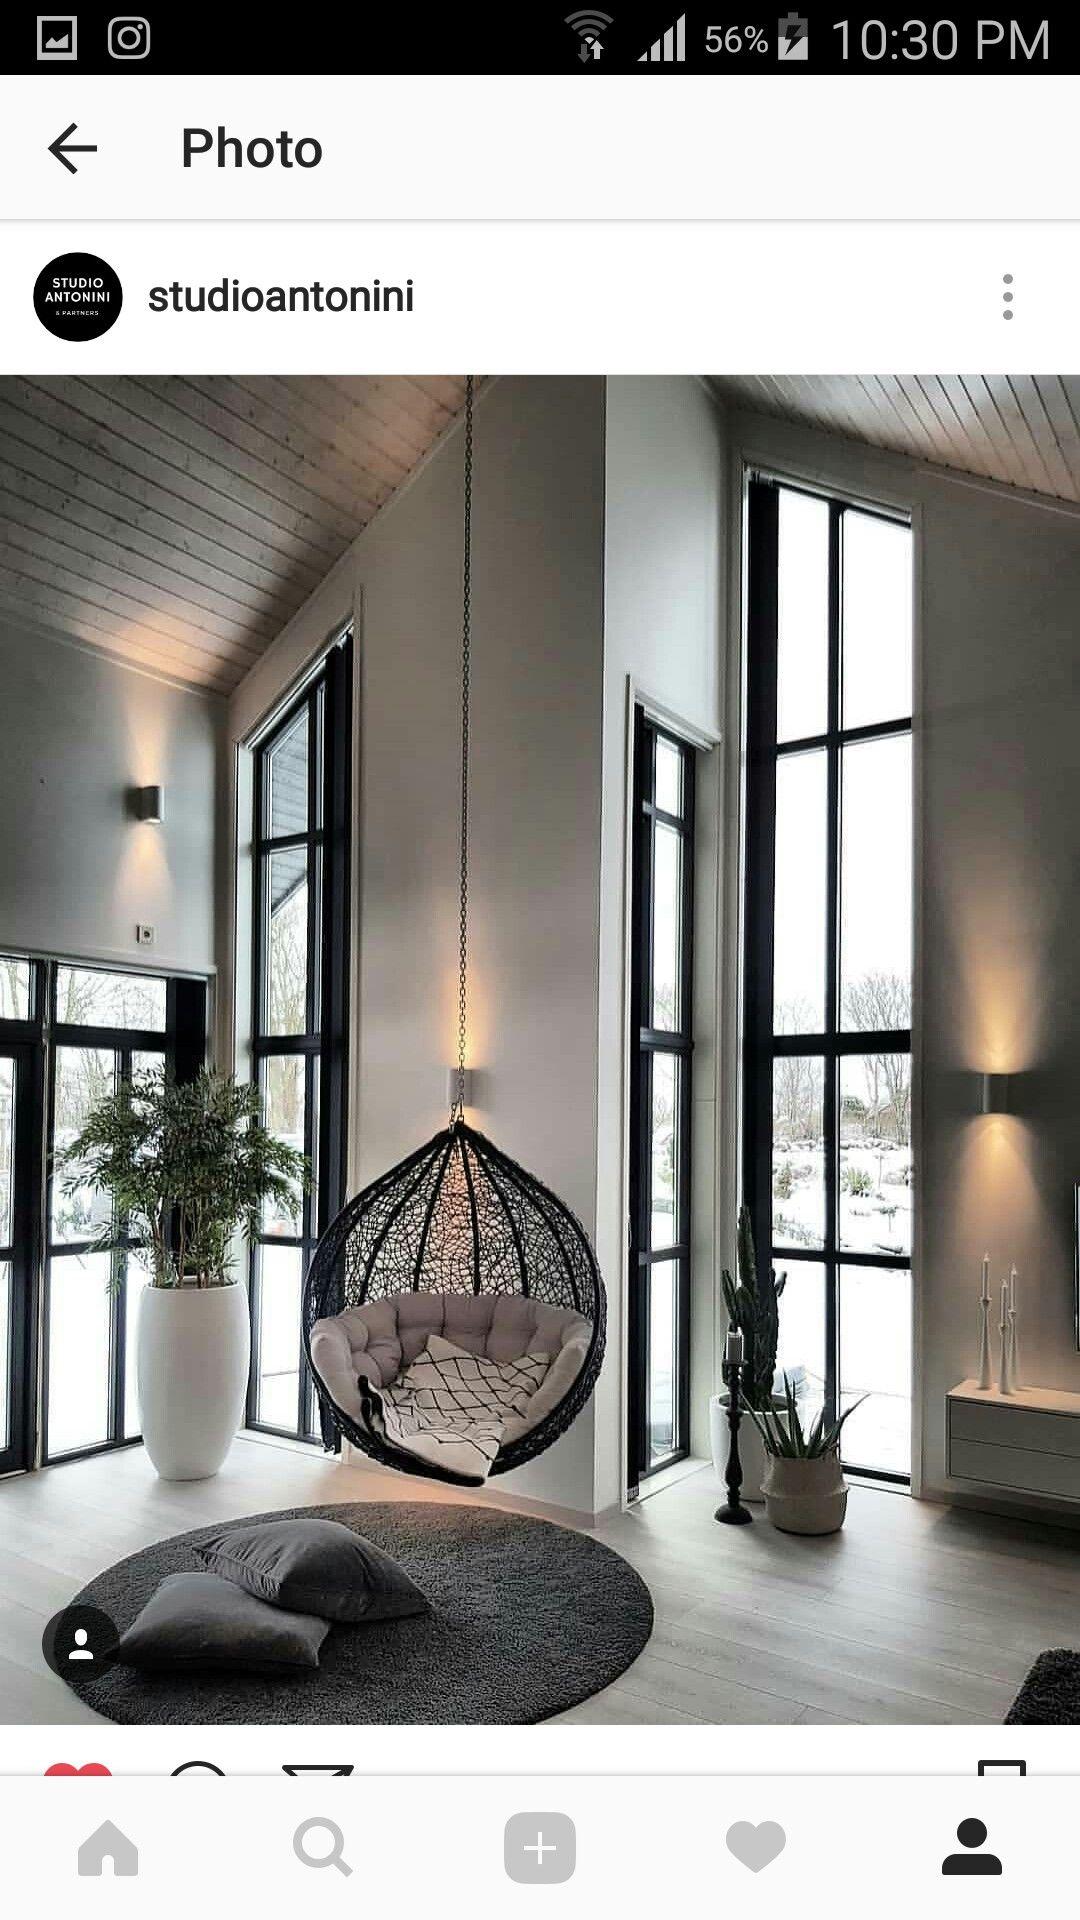 Innenarchitektur für wohnzimmer für kleines haus momus oasis monicalouko realestate phoenixrealestate